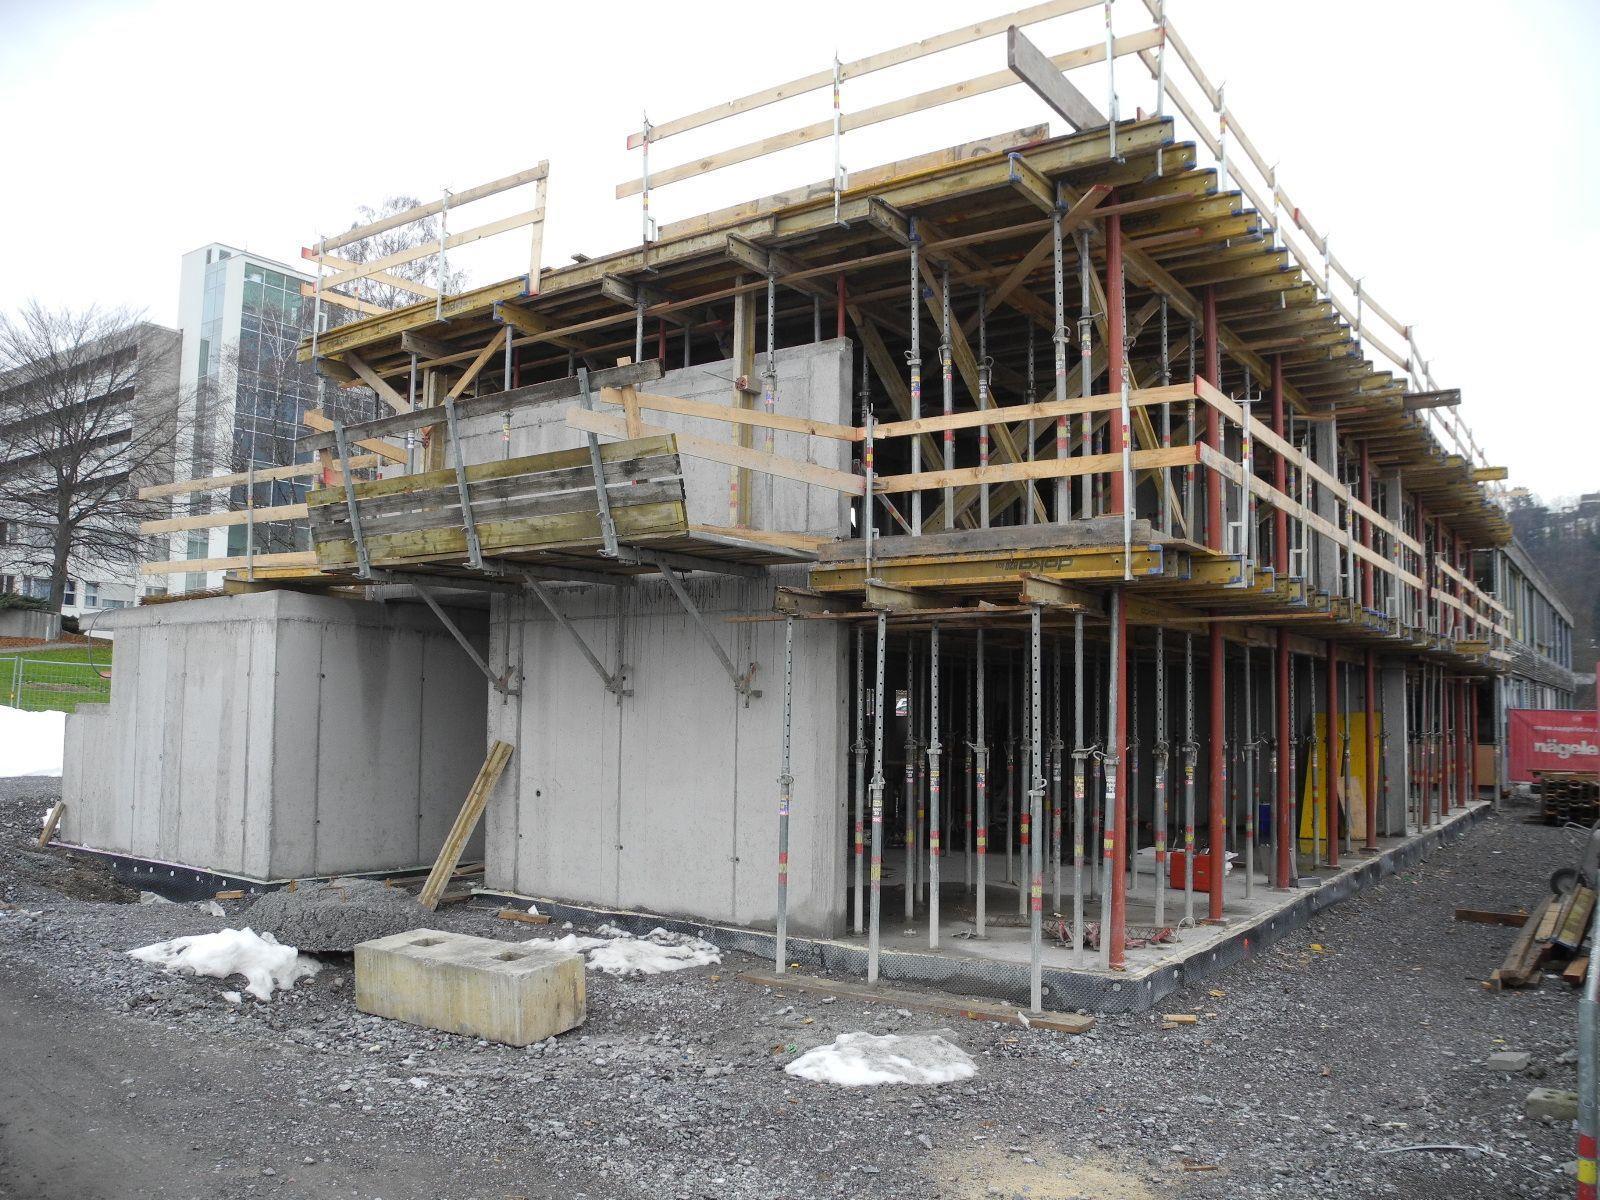 Der Rohbau für die Kindergarten und Schülerhorterweiterung des LKH Feldkirch ist fertig gestellt